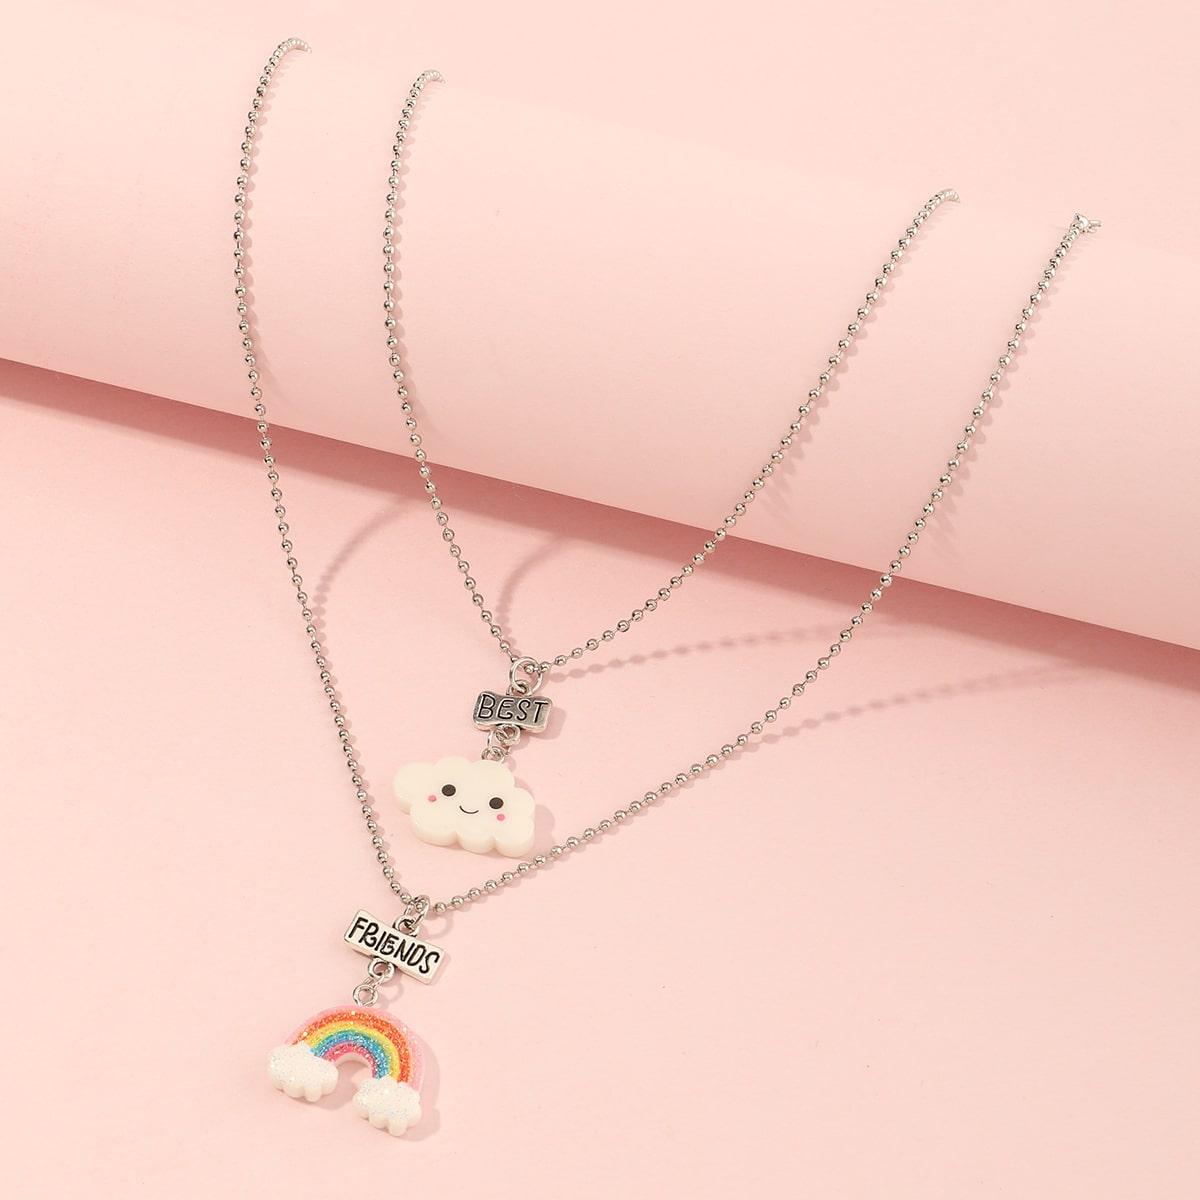 2шт ожерелье с облаком для девочек